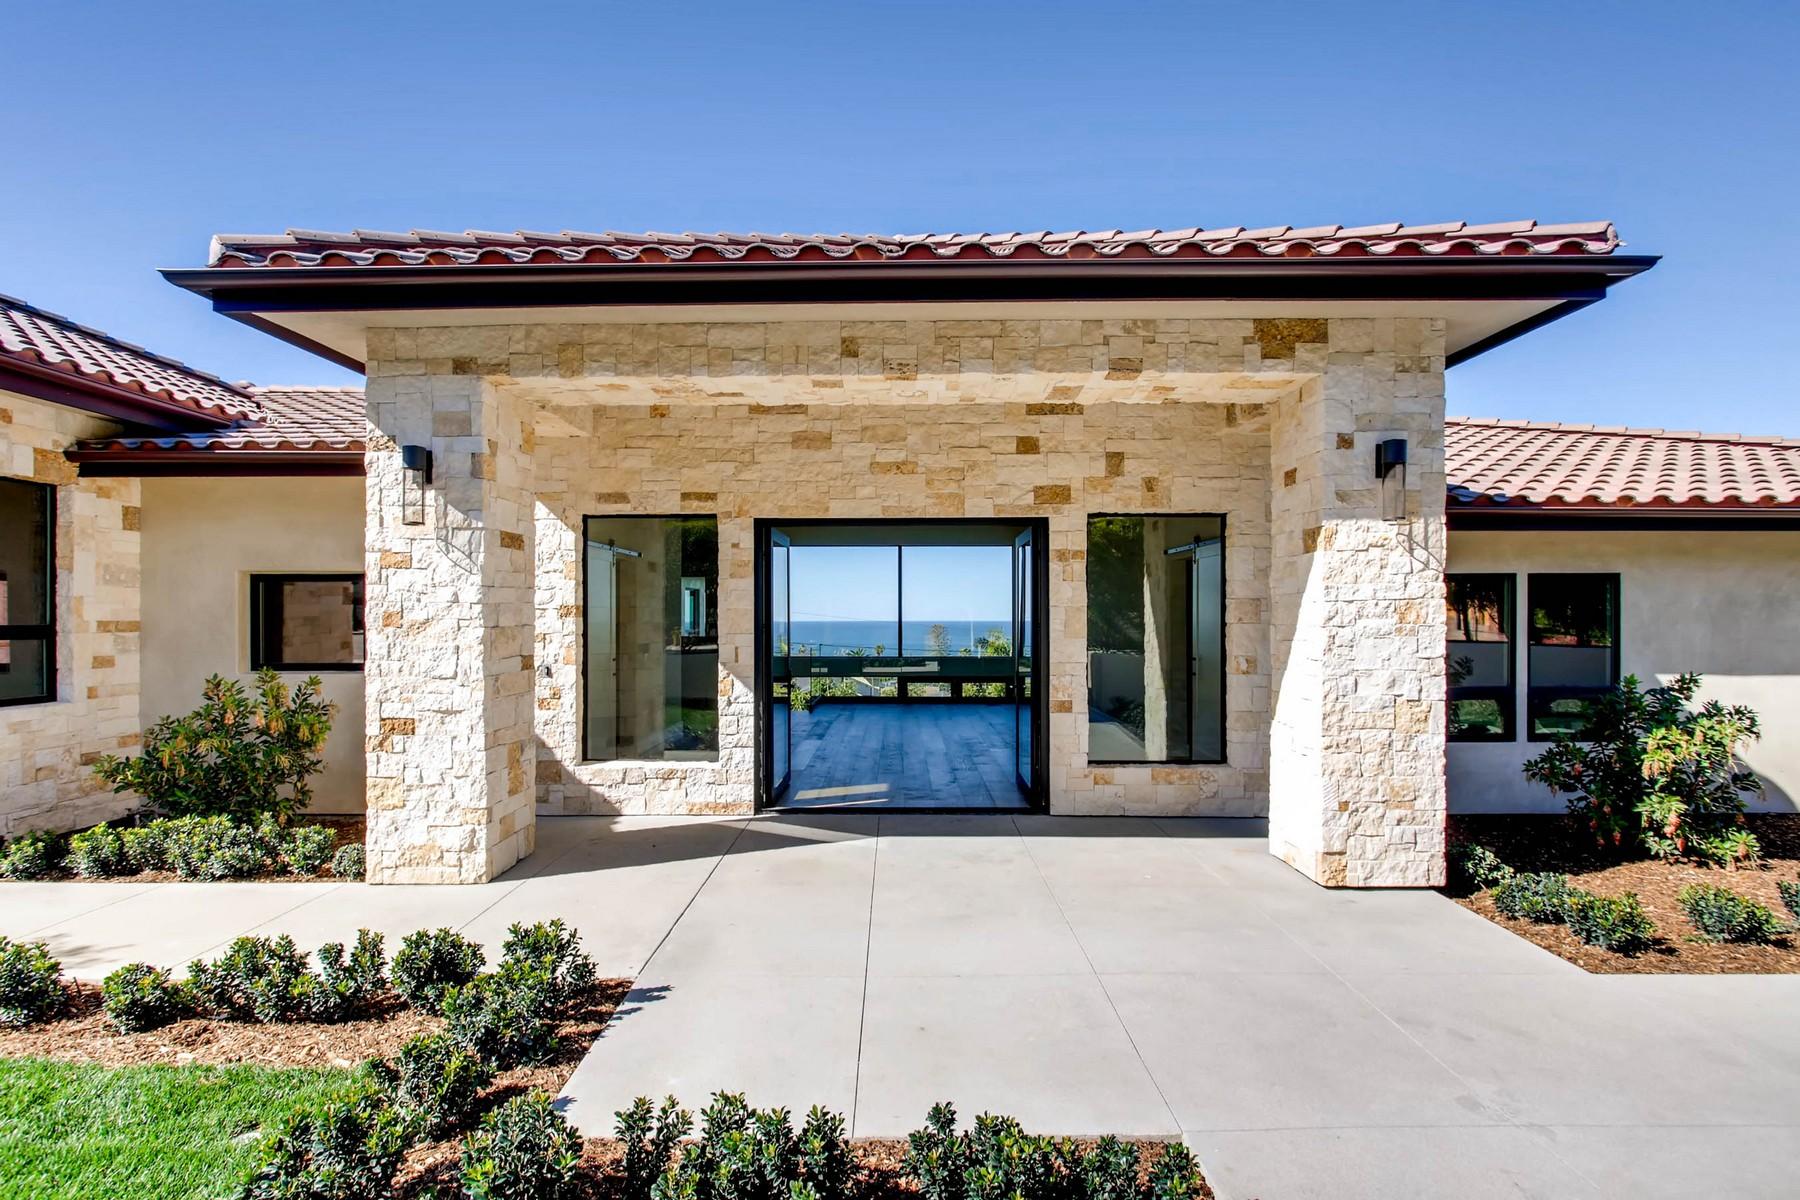 Частный односемейный дом для того Продажа на 1222 Muirlands Vista Way La Jolla, Калифорния, 92037 Соединенные Штаты